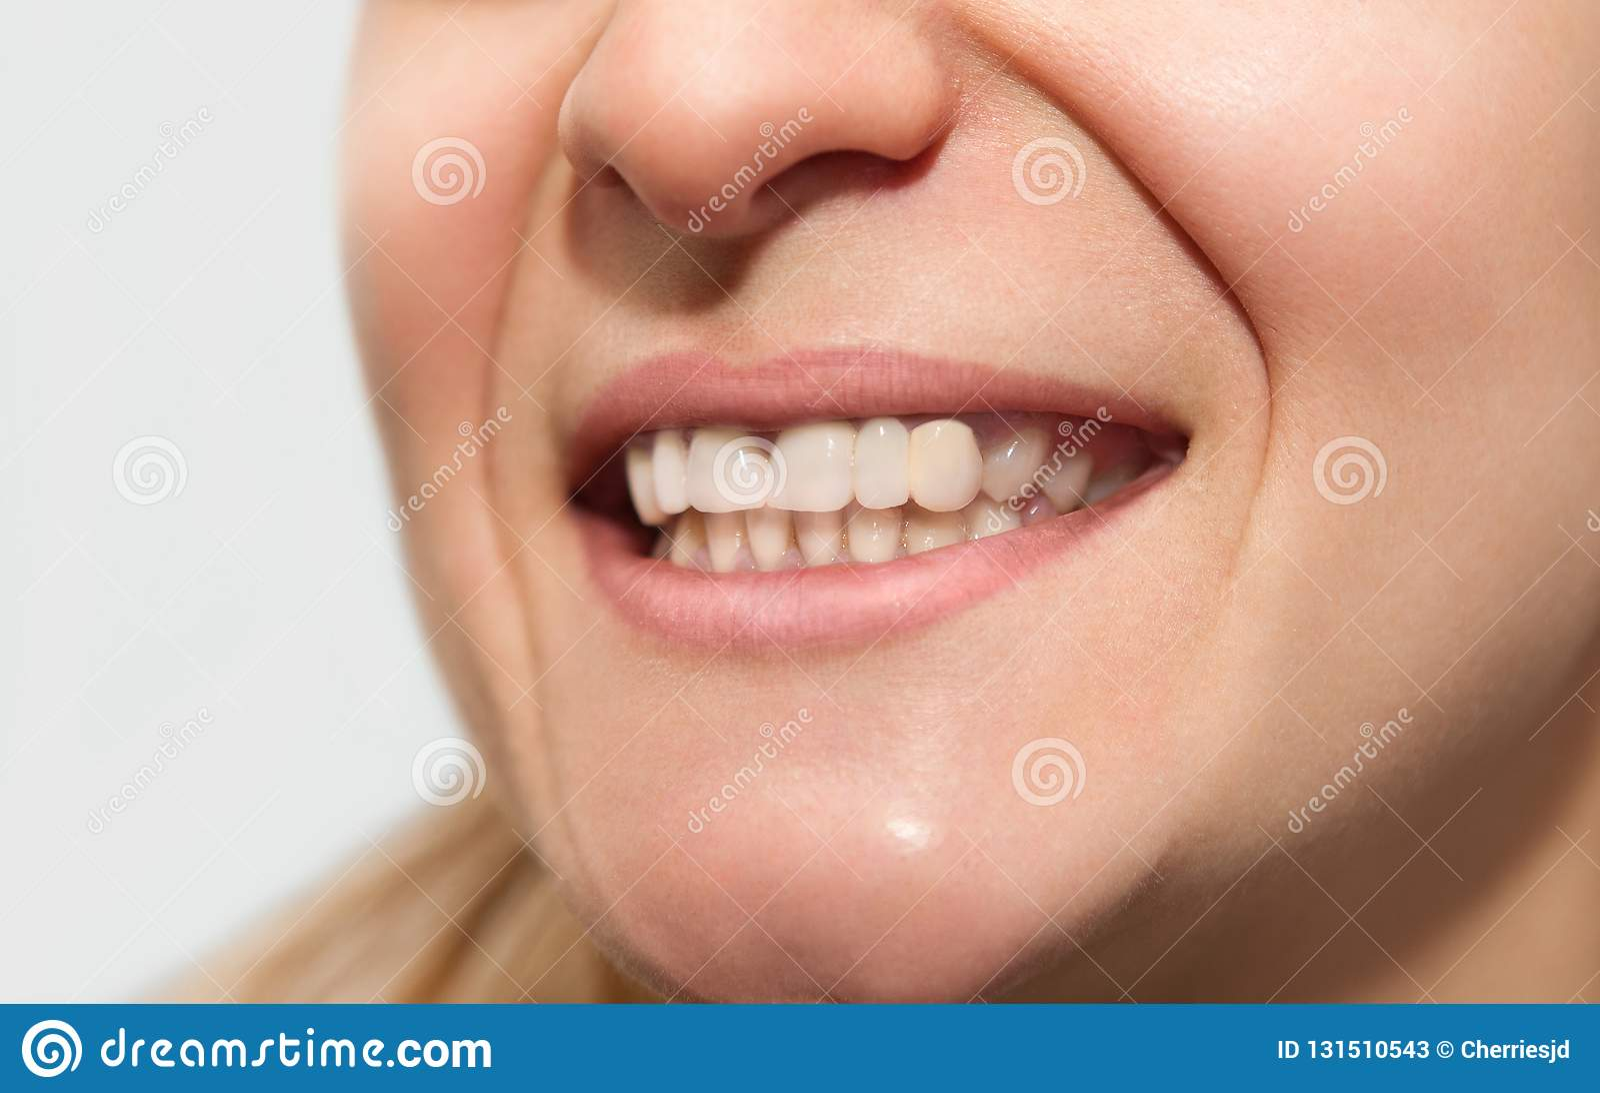 Sorriso fêmea com cor lisa da coroa de má qualidade do dente, forma má